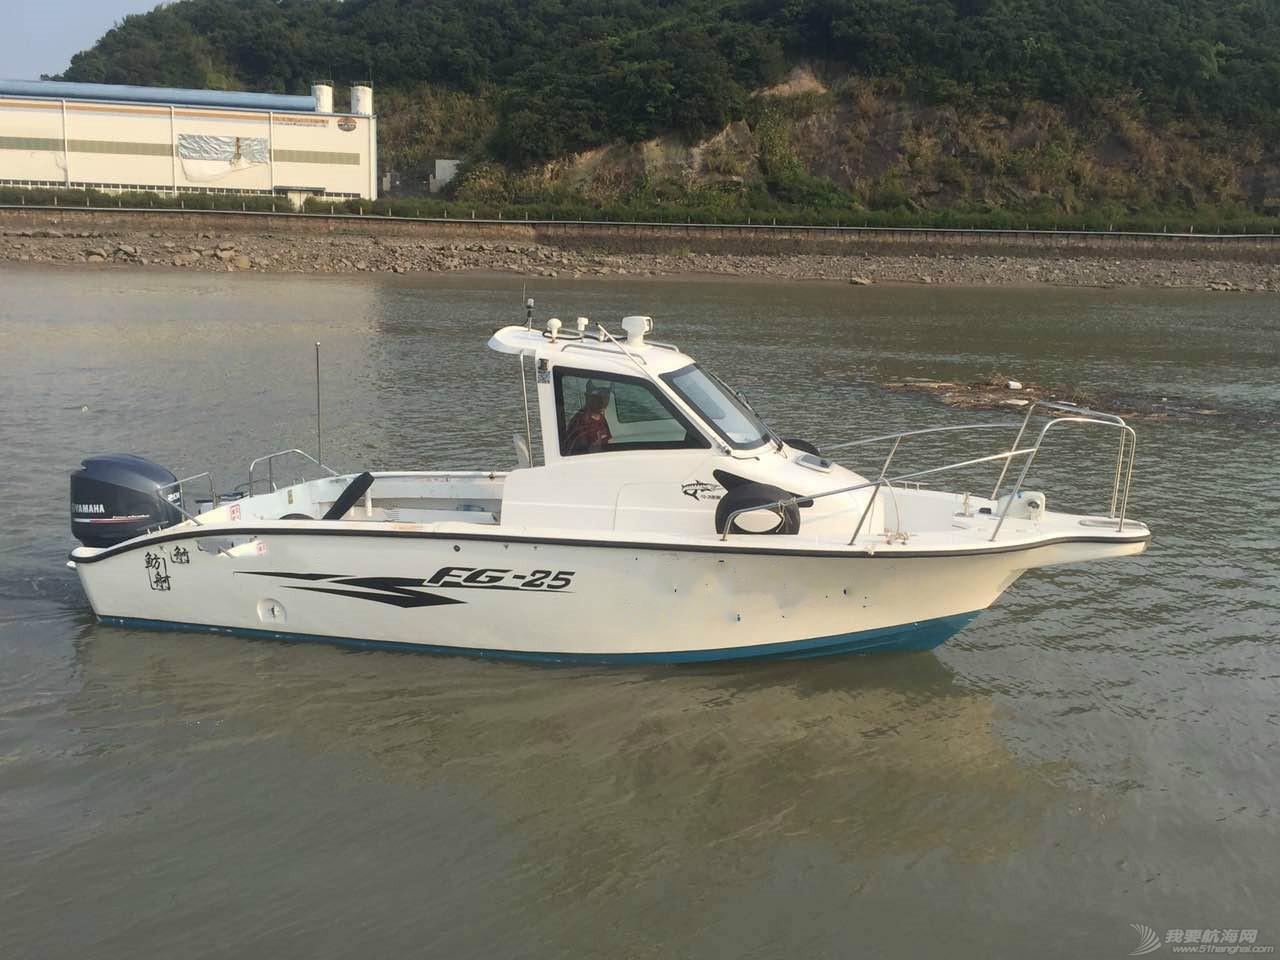 7.5米带有效三证国产钓鱼艇